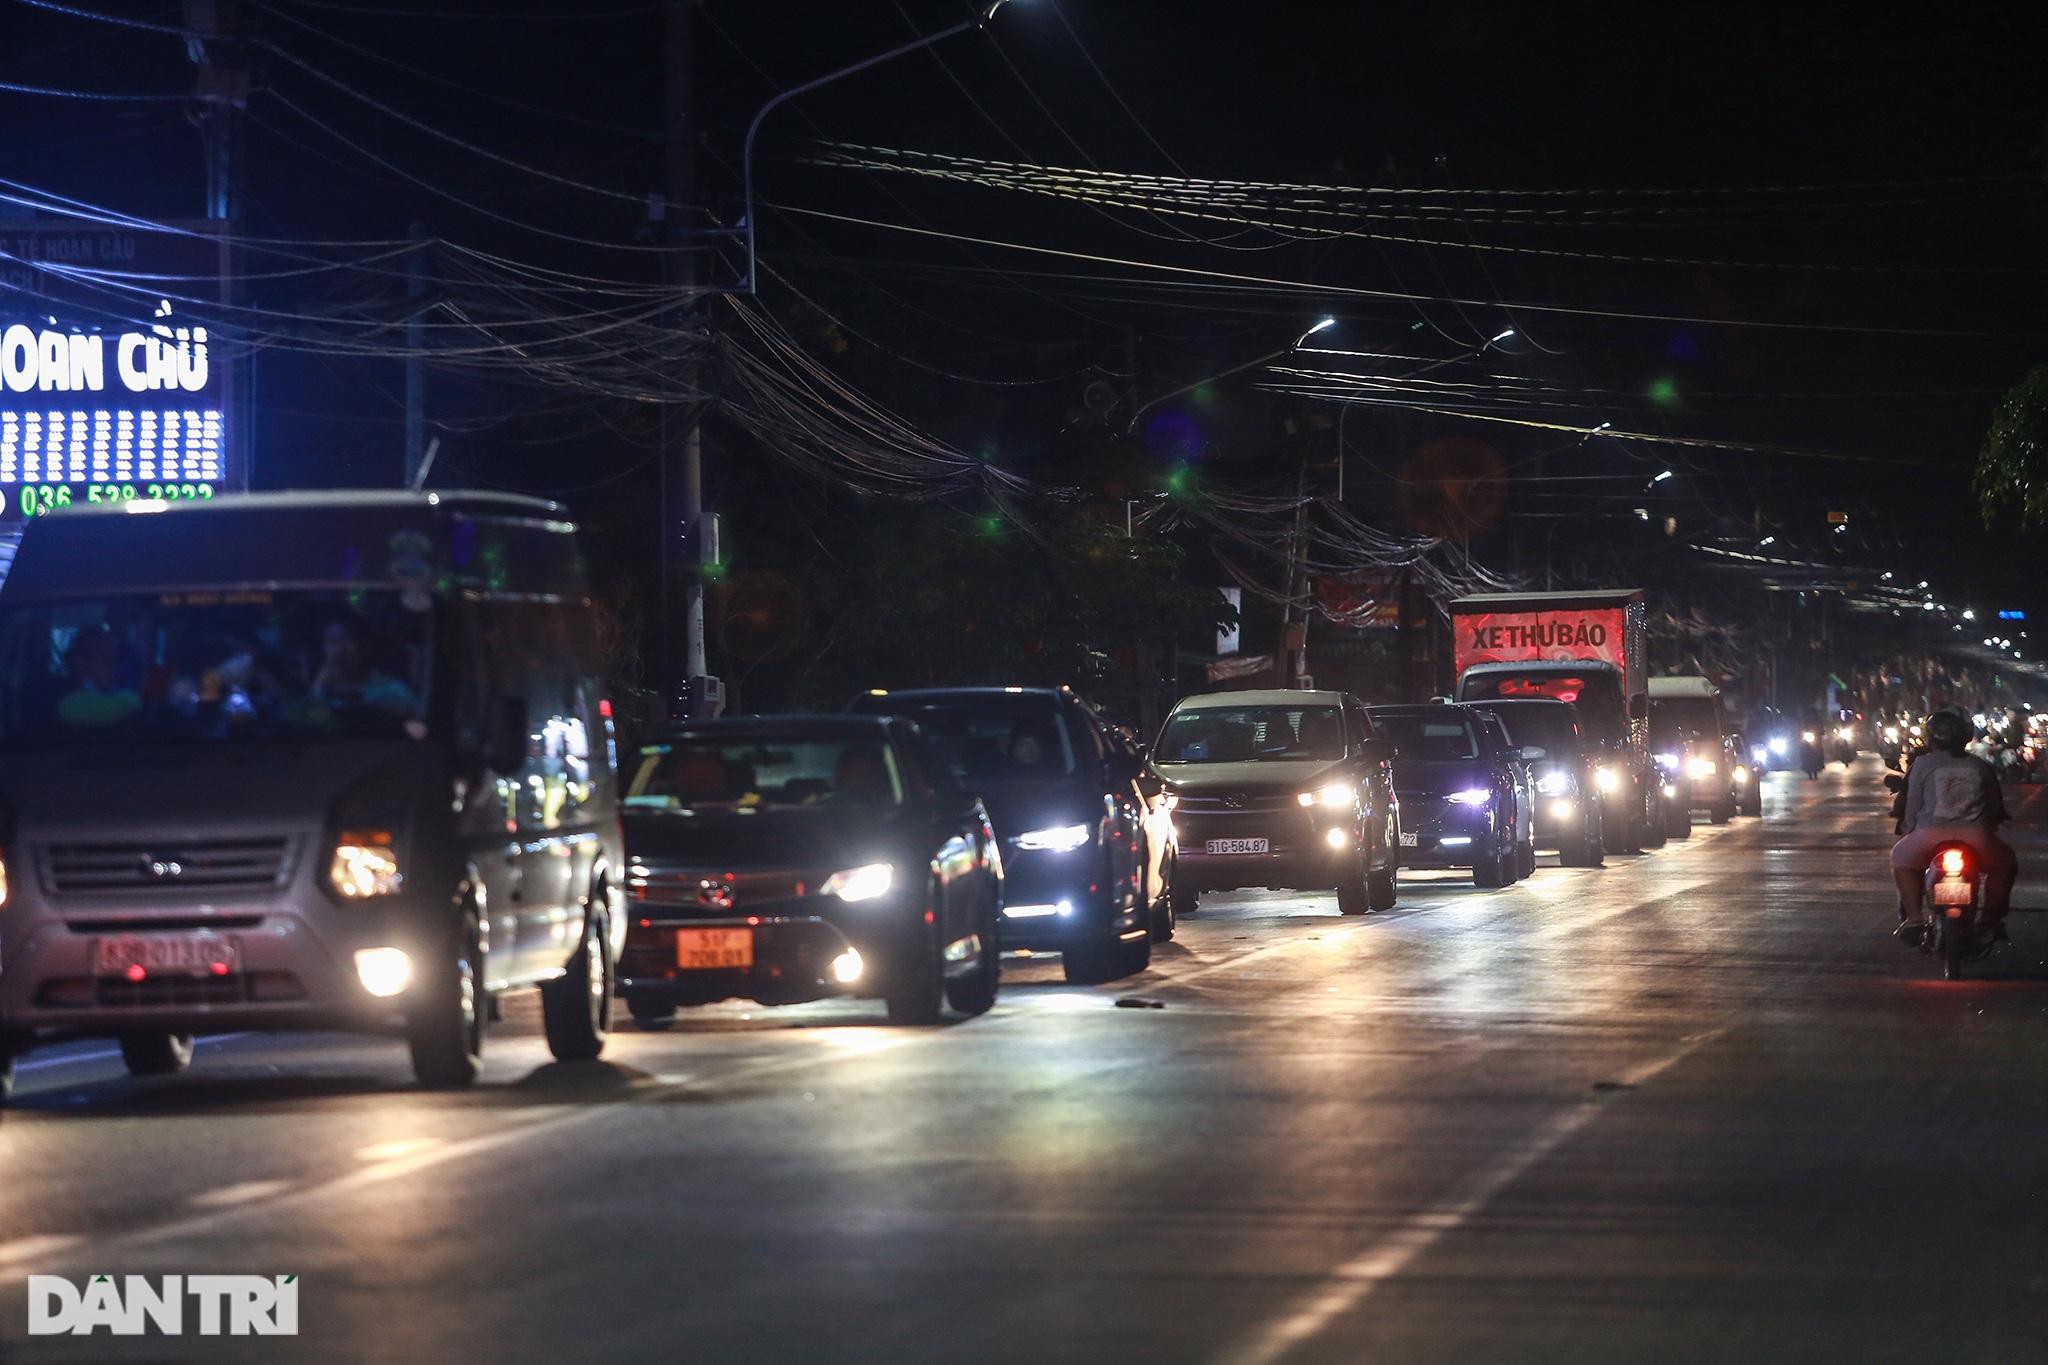 Người dân trở lại Sài Gòn sớm, giao thông cửa ngõ ùn tắc, hỗn loạn - 2